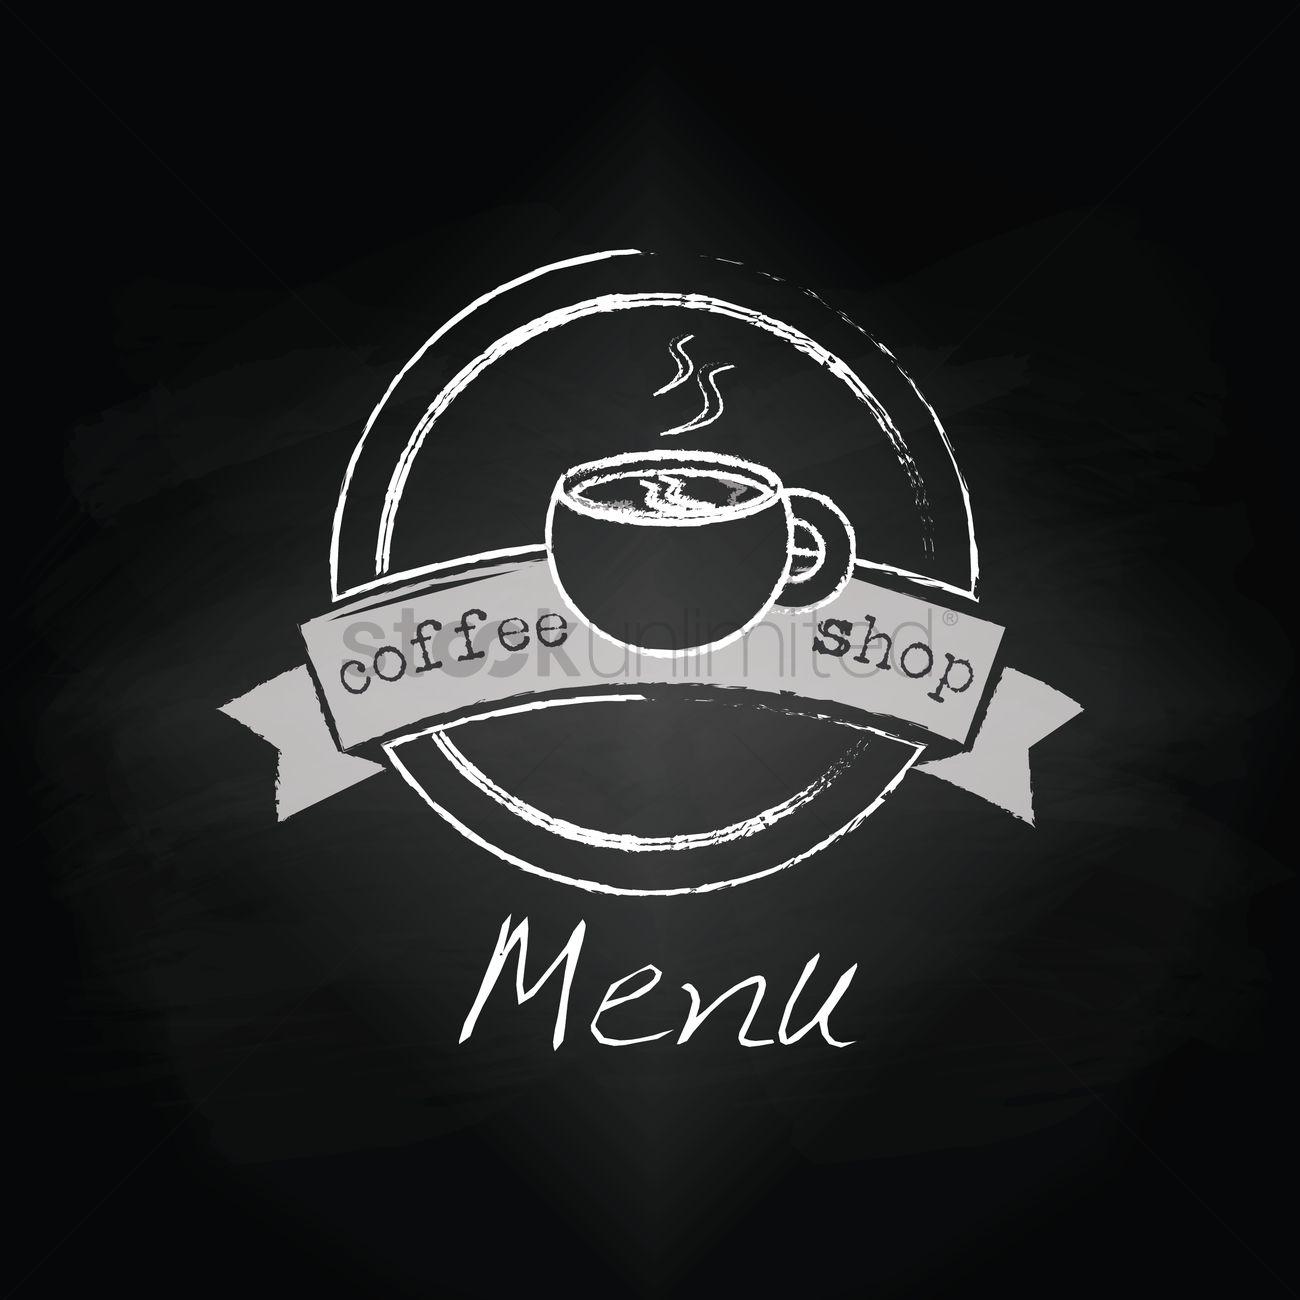 coffee shop menu design vector image 1798401 stockunlimited